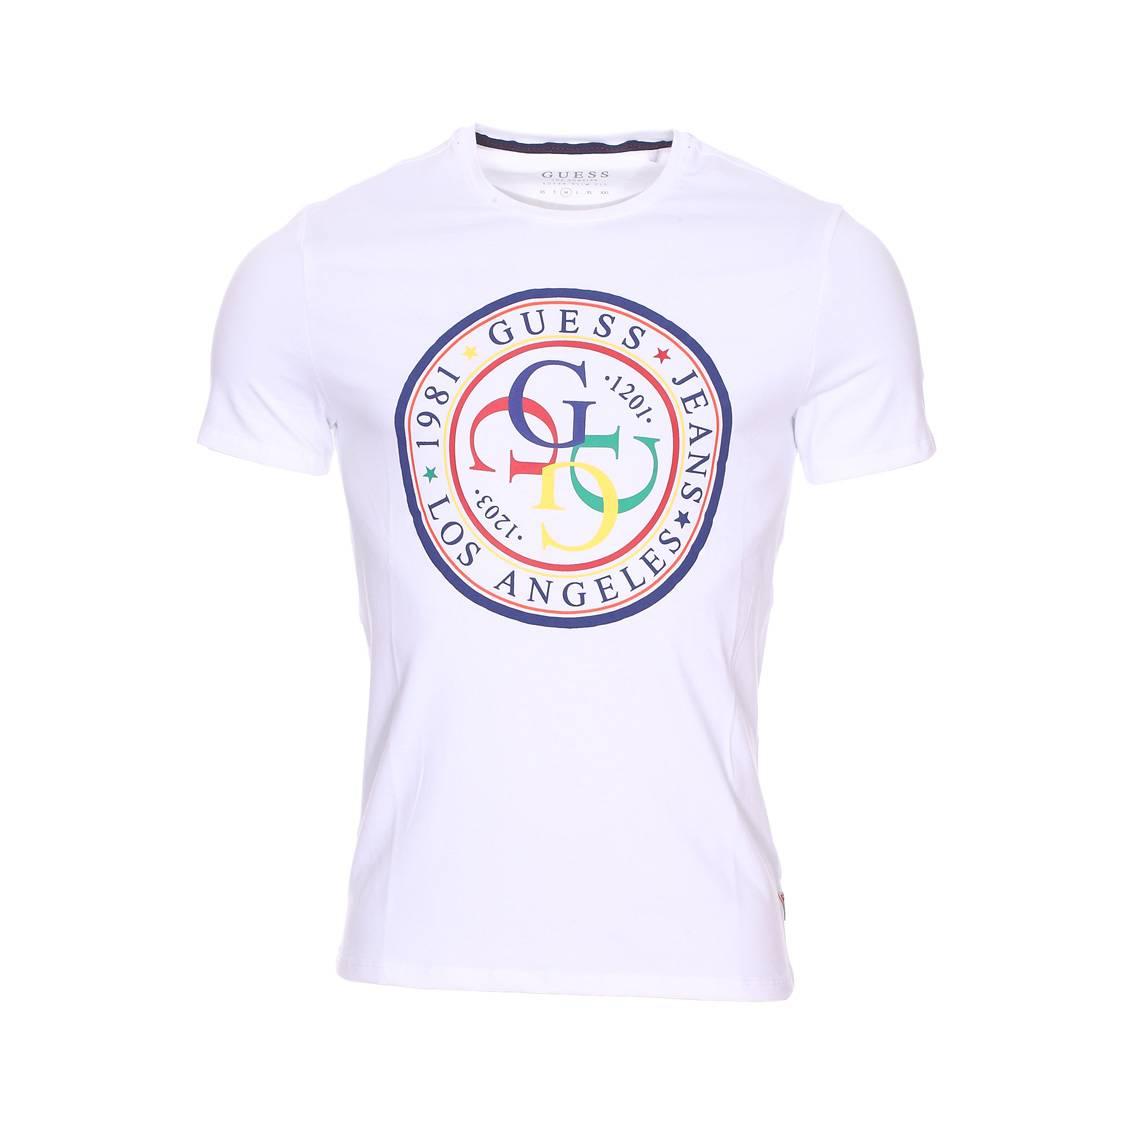 Tee-shirt col rond guess colorful en coton blanc floqué